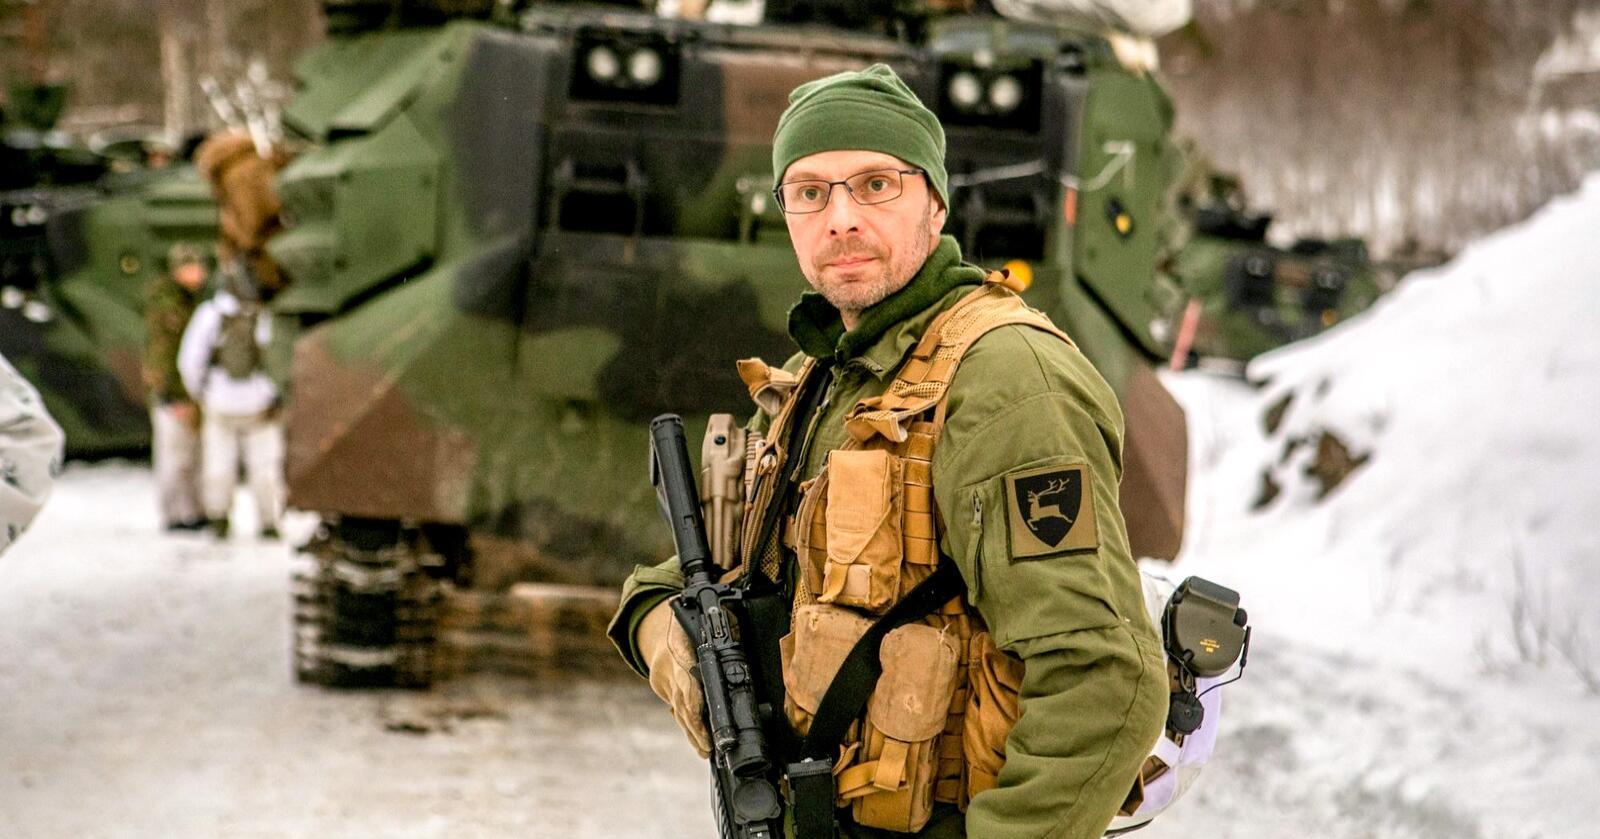 Brigadesjef Pål Berglund flyttet 400 soldater med stridsvogner fra Telemarksbataljonen fra til Vest-Finnmark i løpet av helga. Foto: Forsvaret